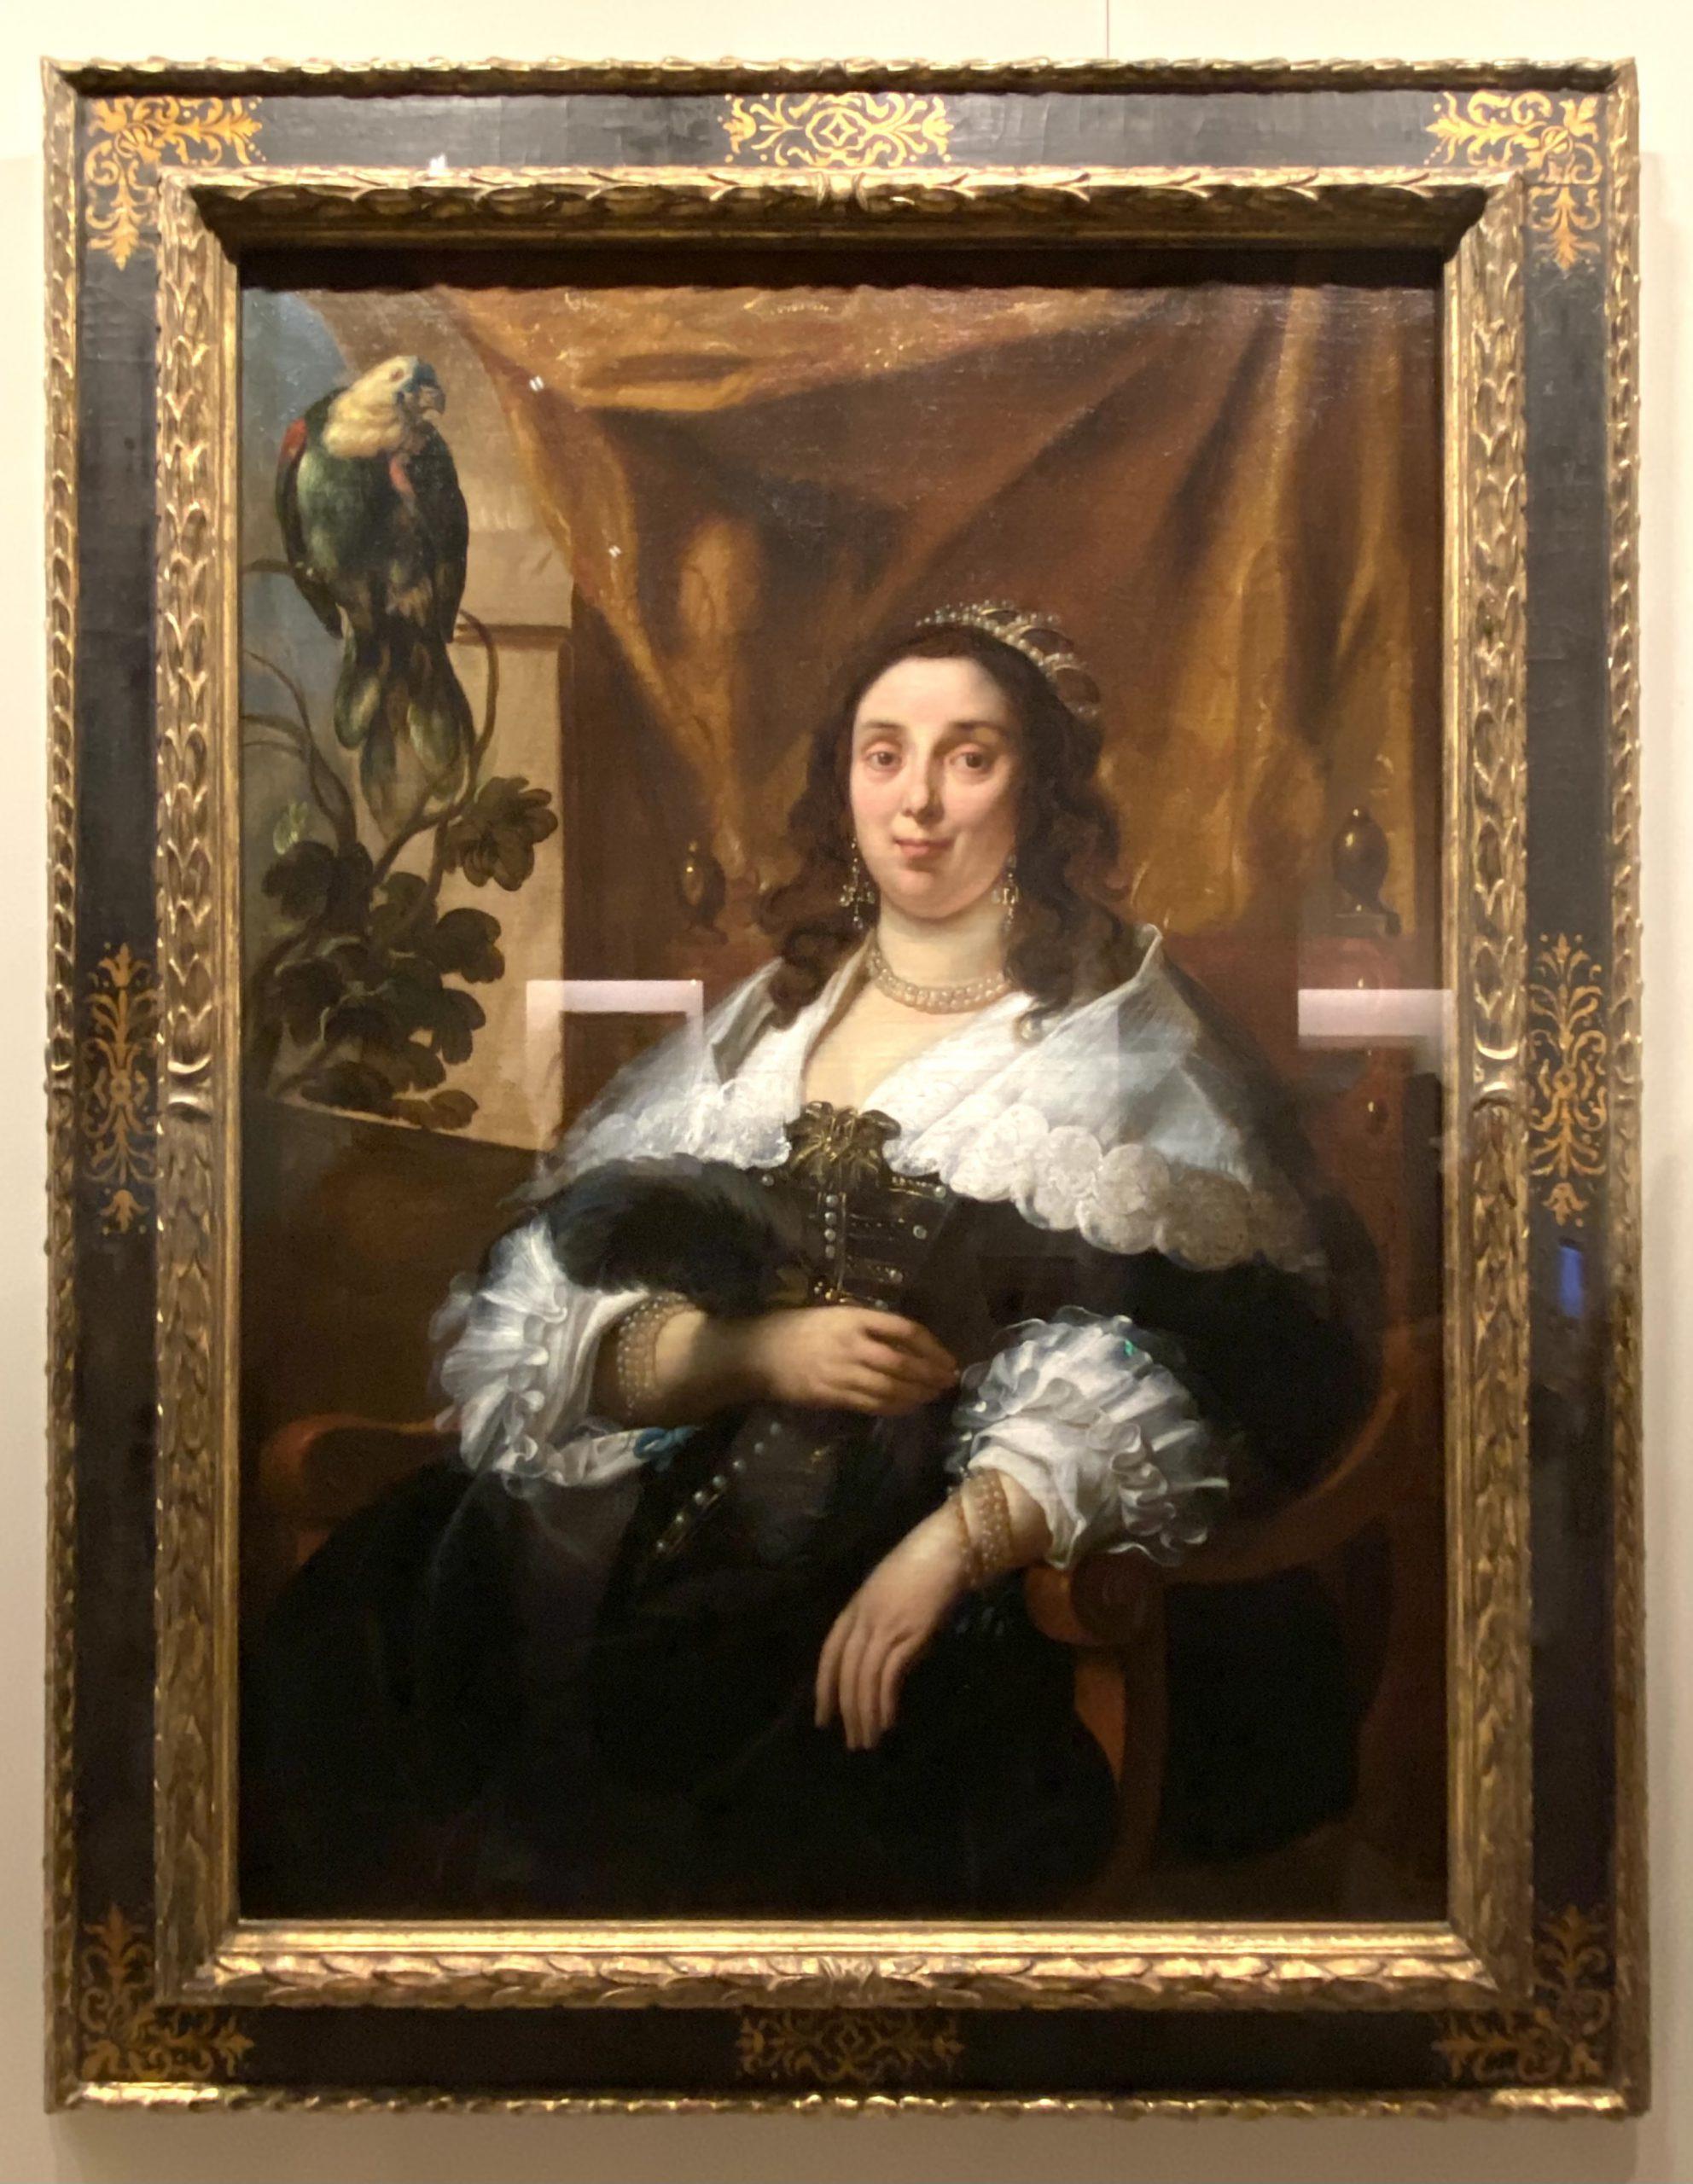 女士肖像-ジェイコブ・ジョーダン-特別展【光影浮空-欧州絵画500年】-成都博物館